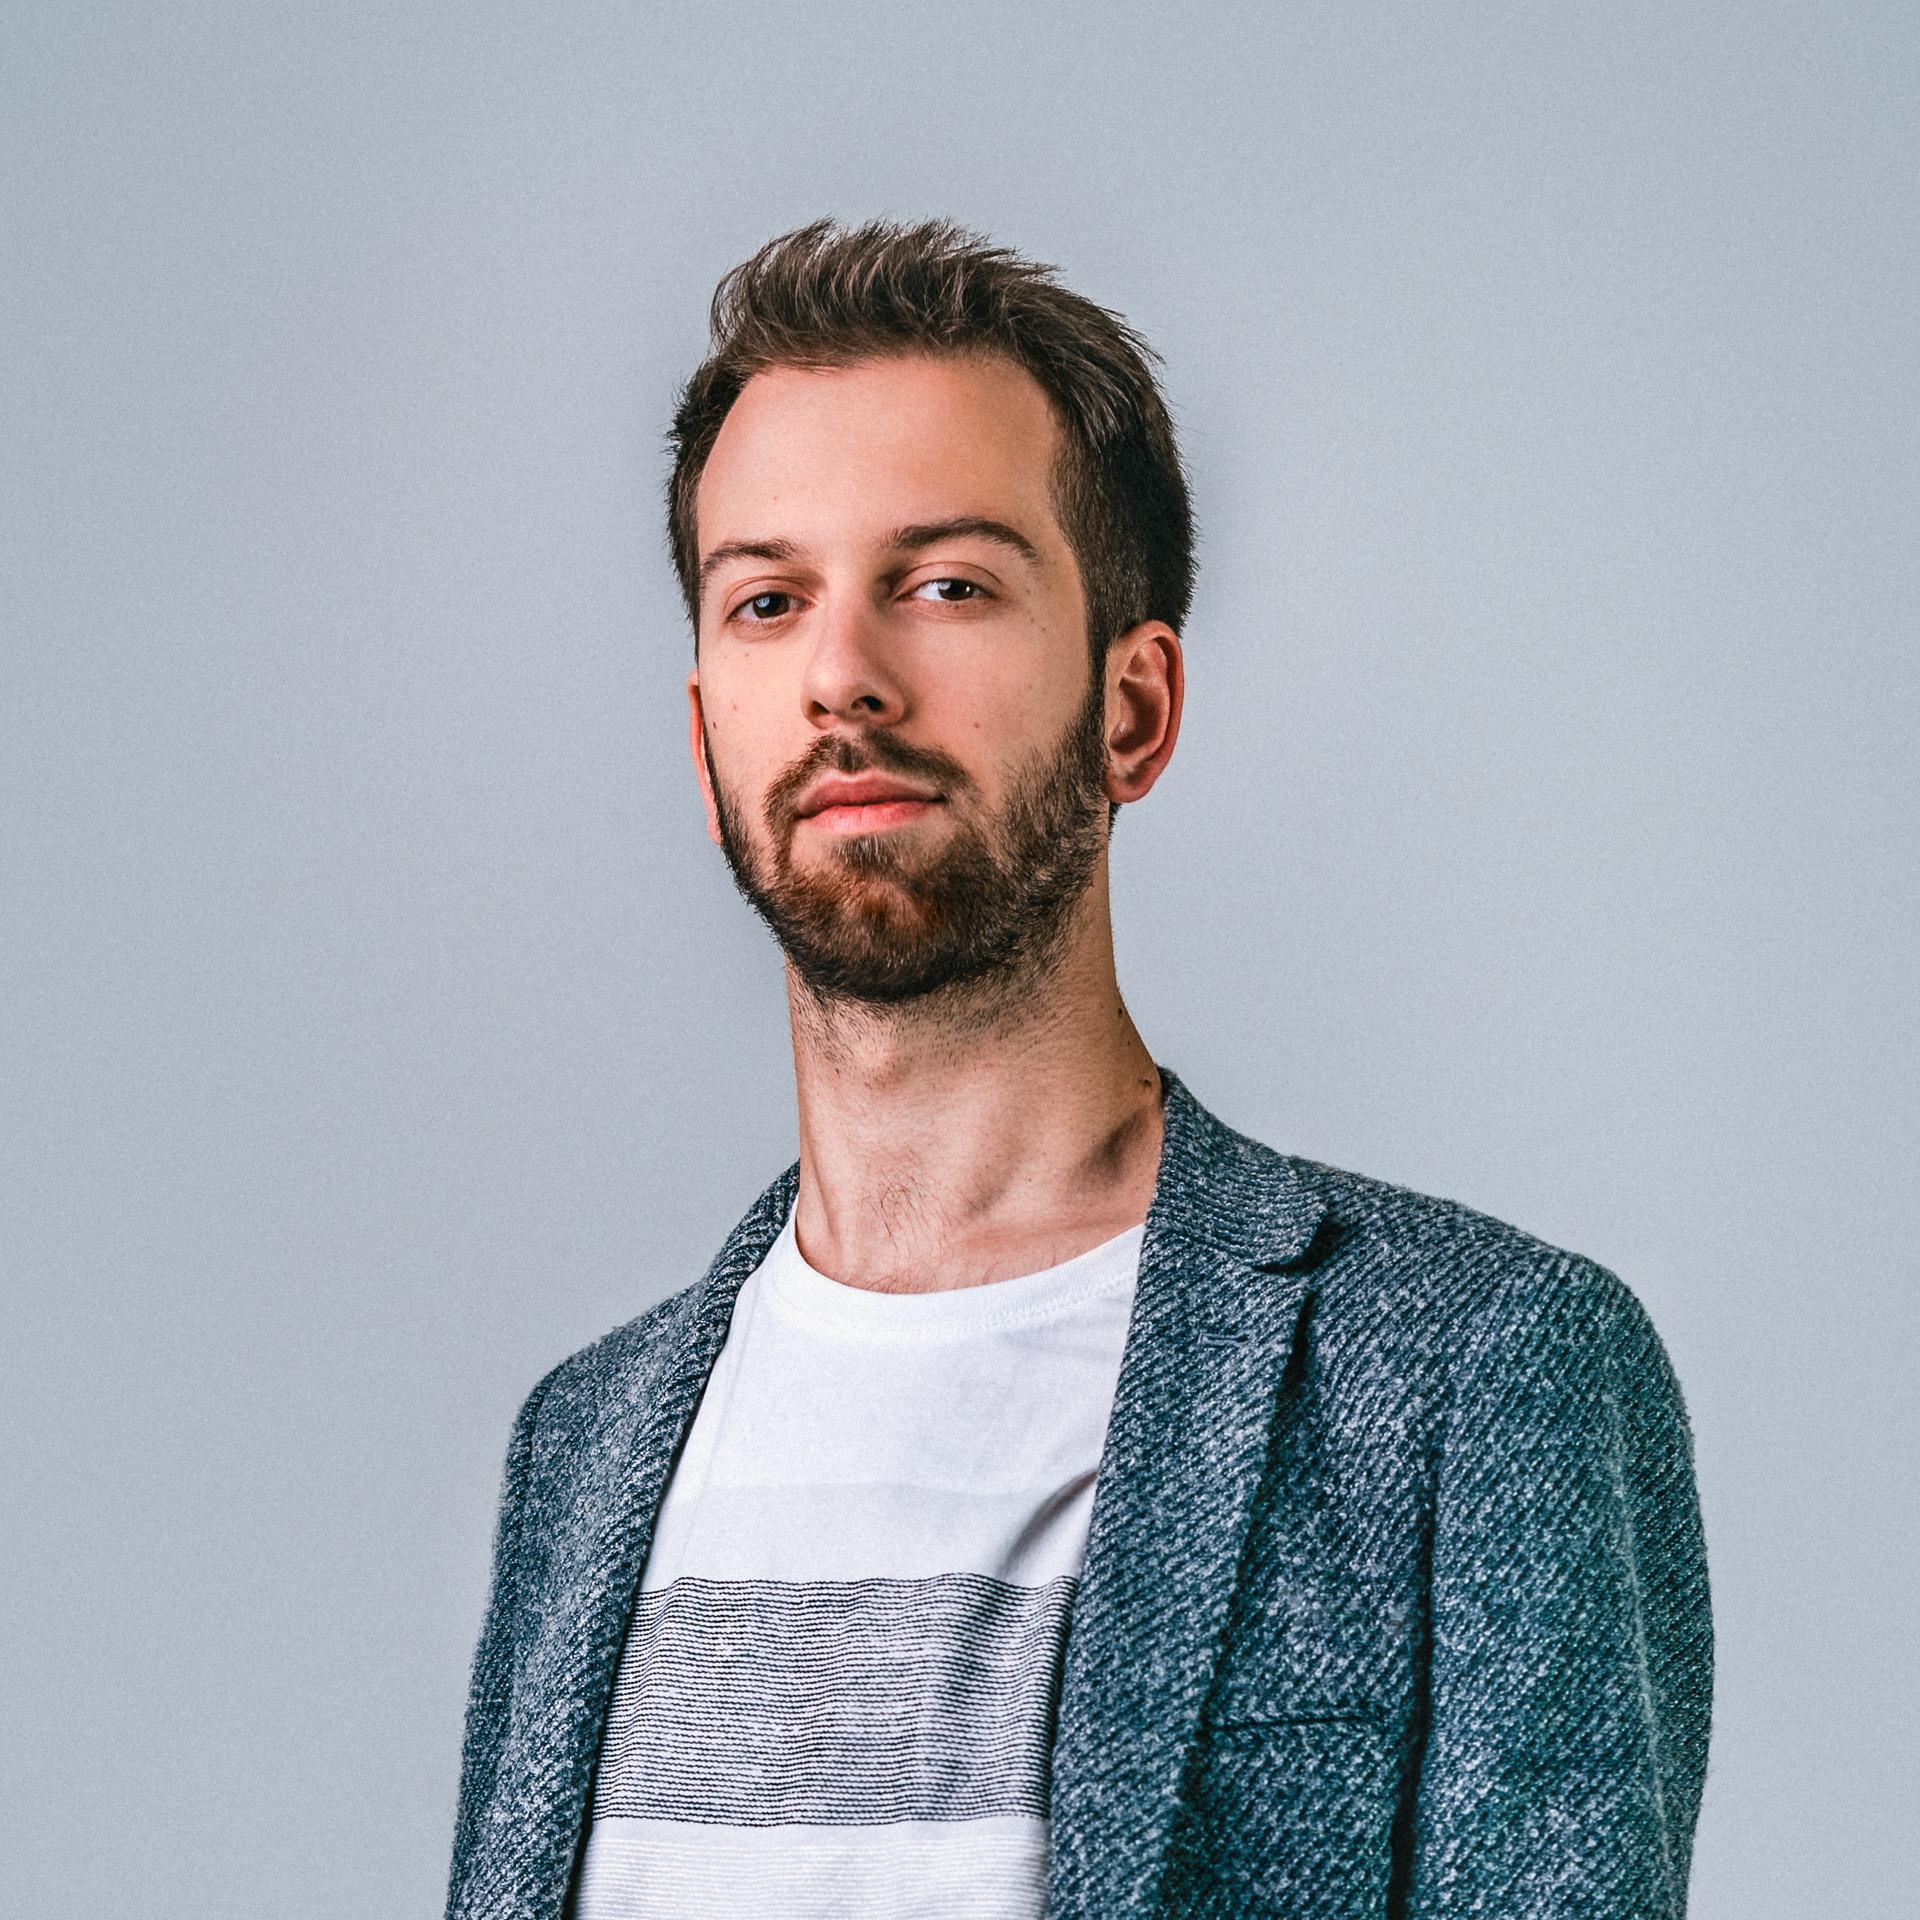 Jonas Enseleit - Quintense